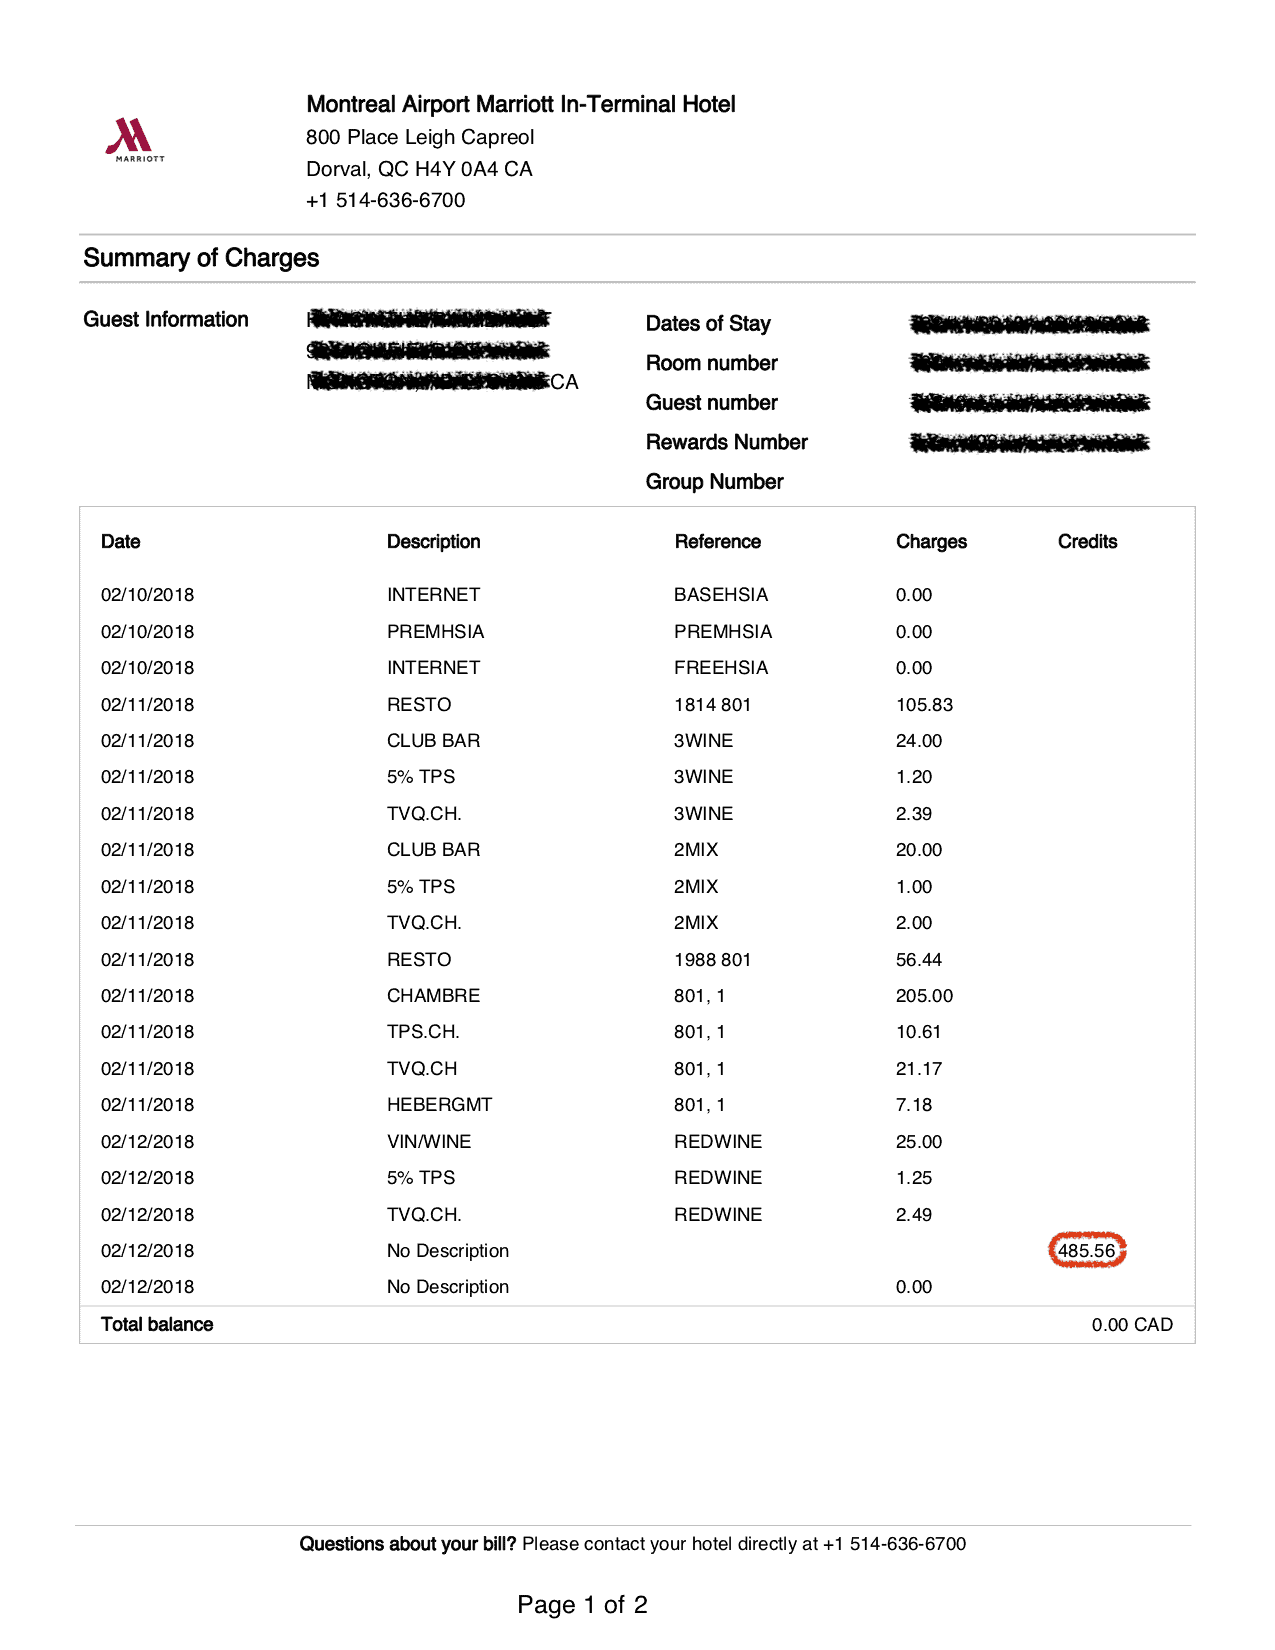 hotelbill 4840 redacted